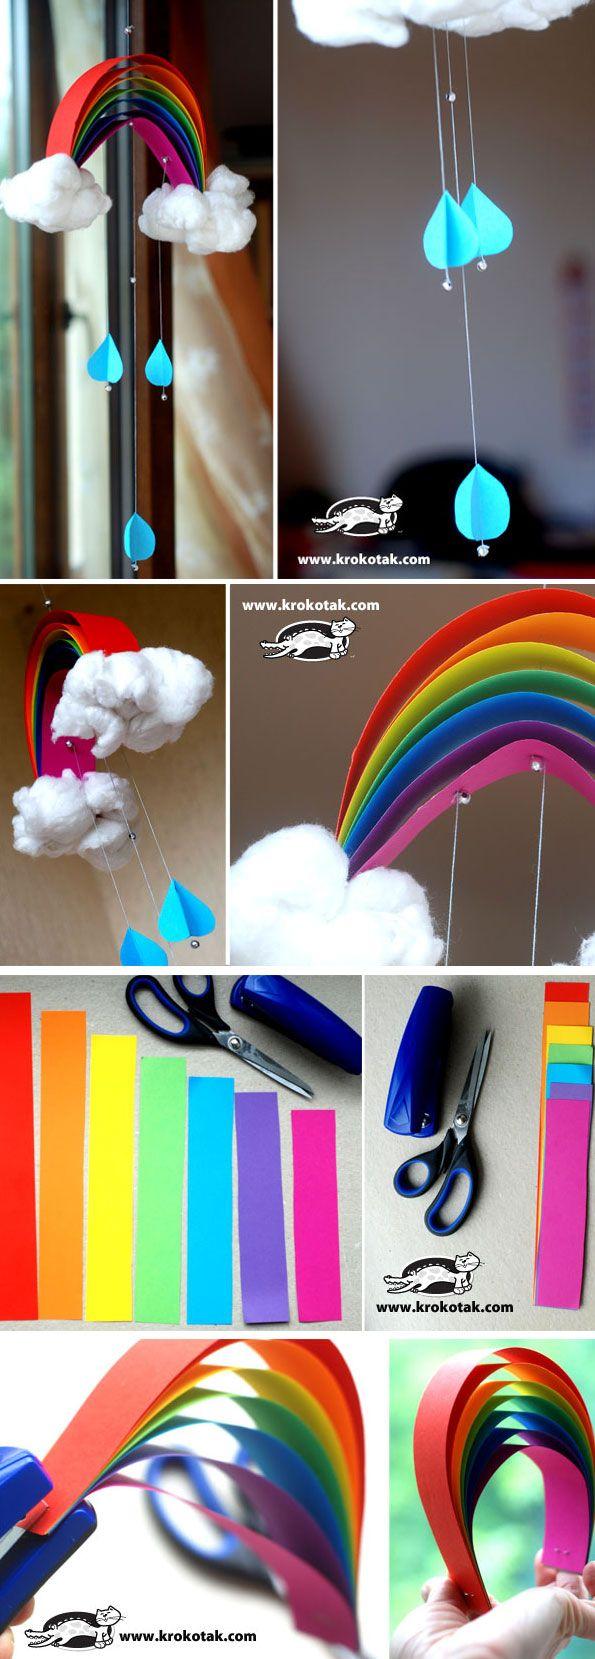 Basteln mit Kindern: So leicht zaubert ihr einen bunten #Regenbogen aus #Papier #diy